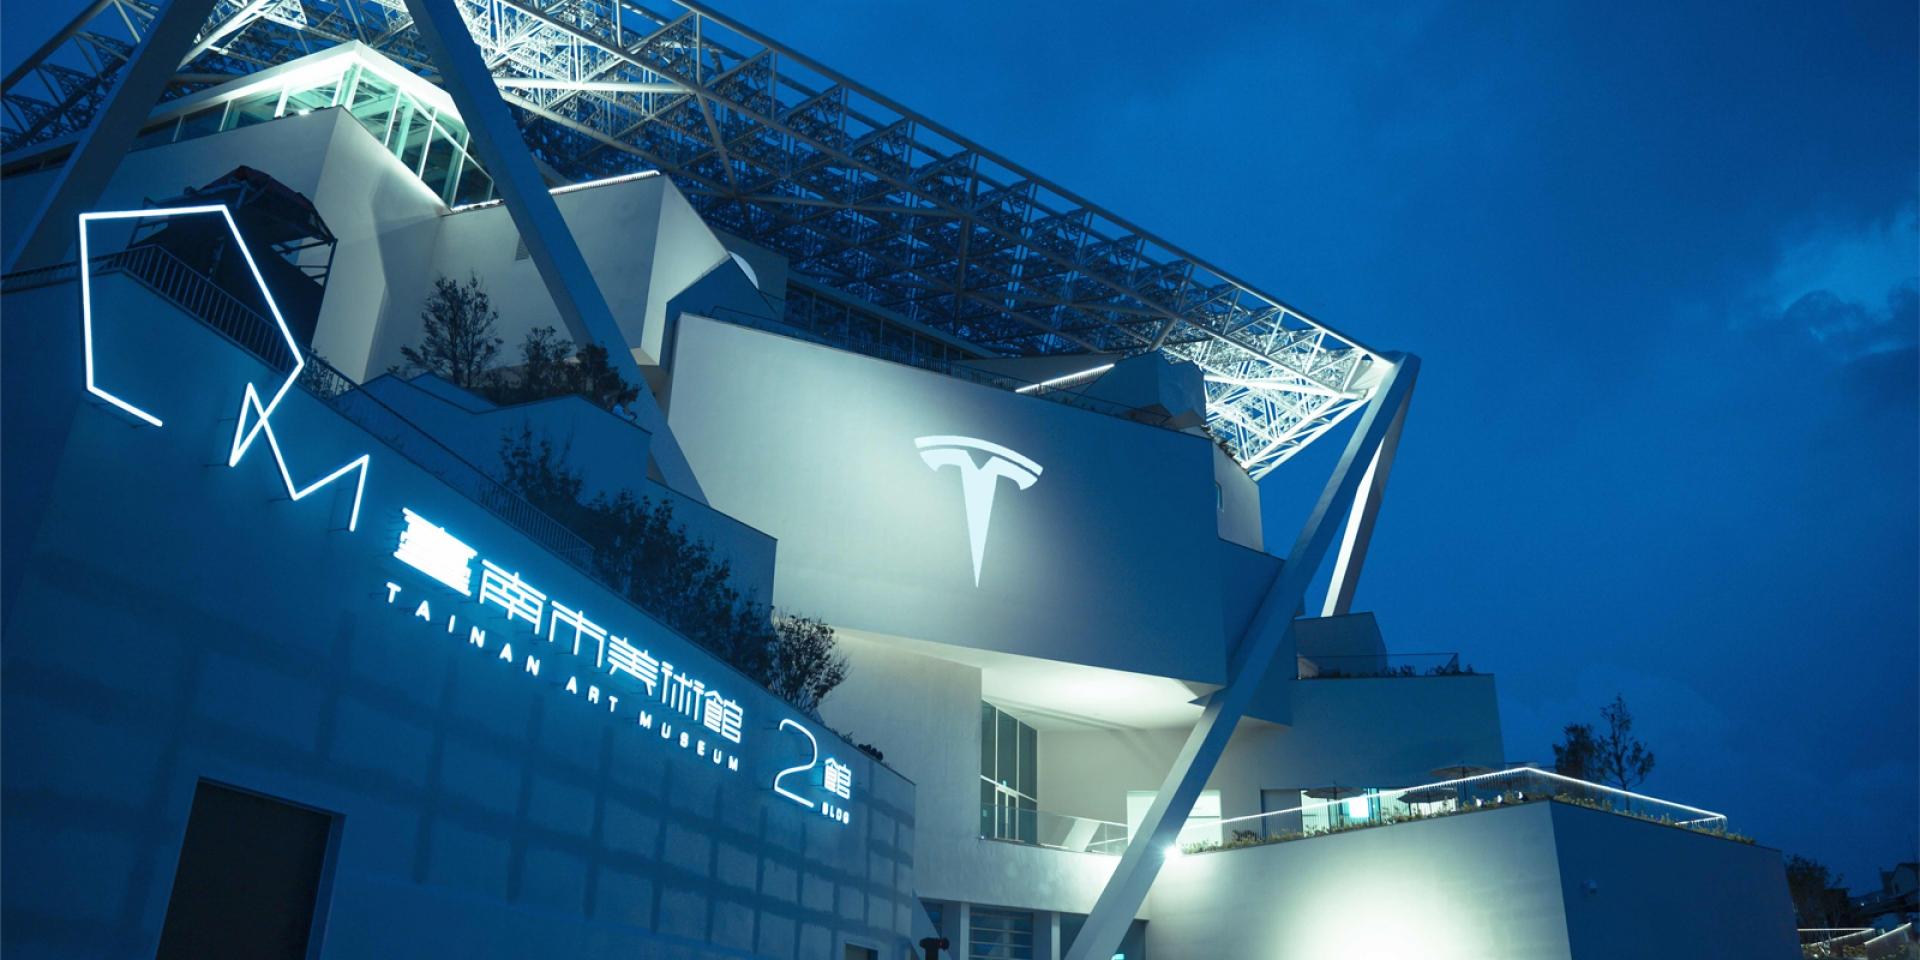 官方新聞稿。台灣最大 Tesla V3 超級充電站正式於台南市美術館2館啟用